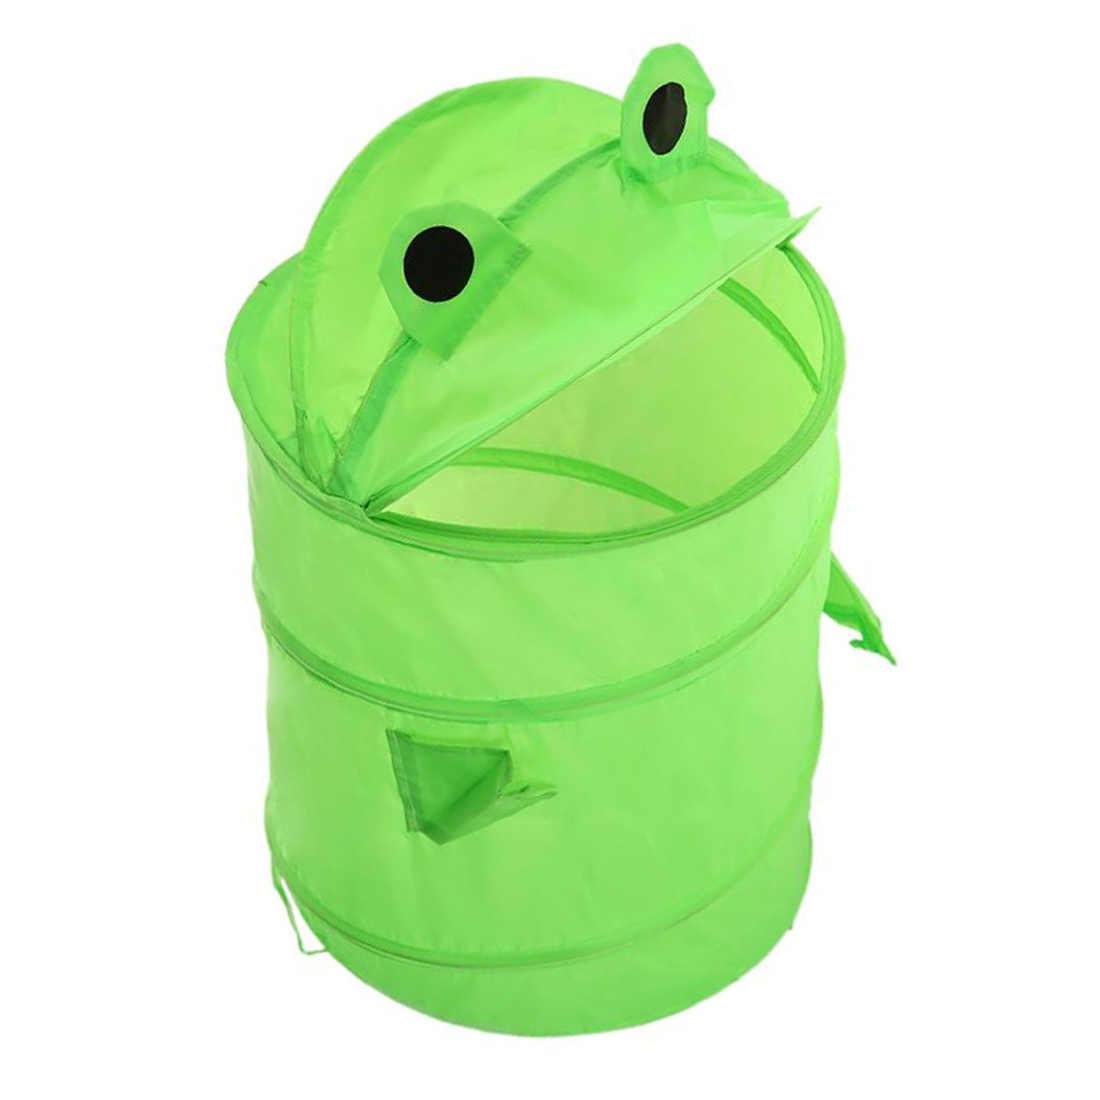 Niedliche Cartoon-Tier Frosch Hund Spielzeug Container Spielzeug Lagerung Box Folding Eimer Wäsche Zylinder Korb für Spielzeug